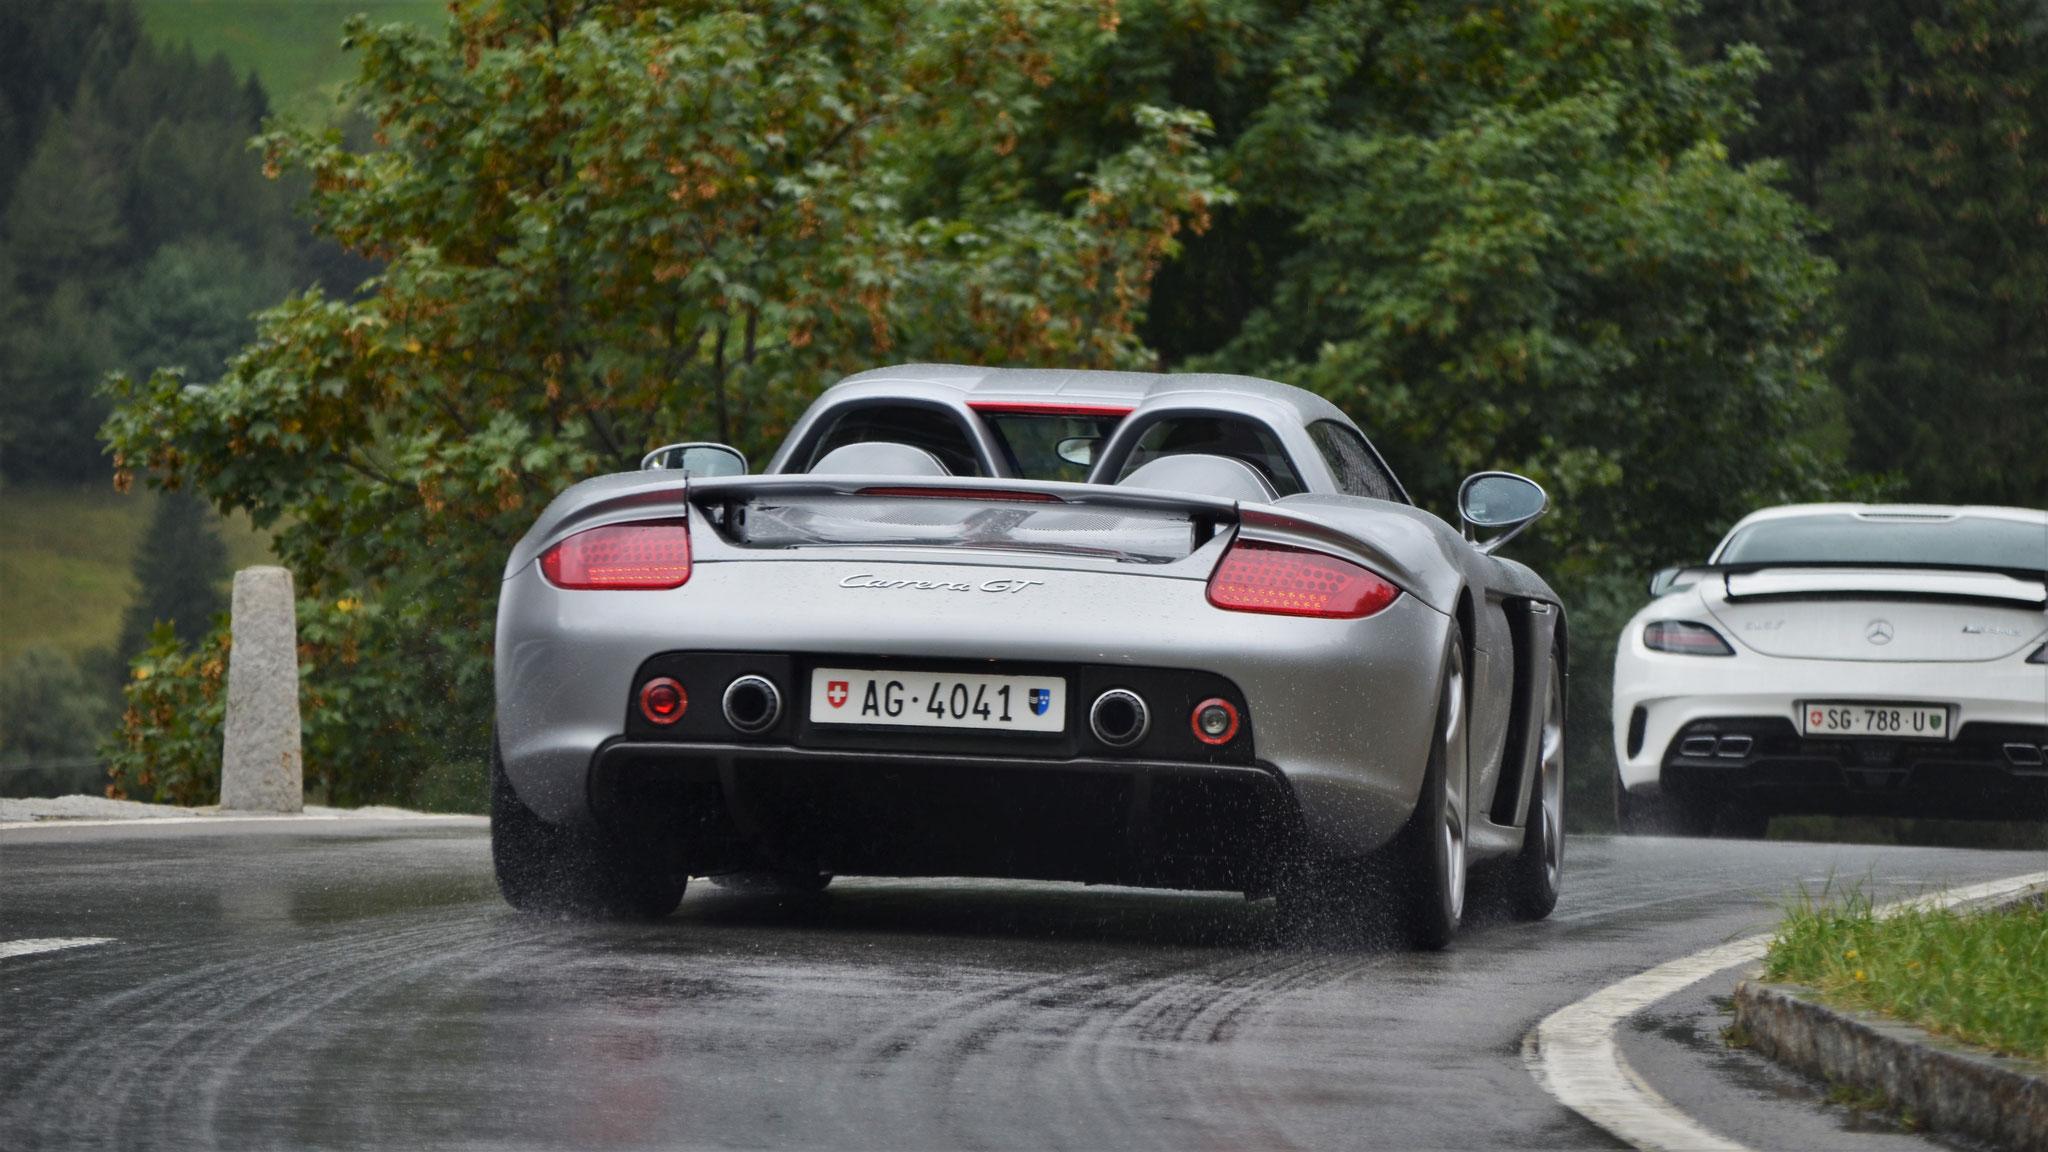 Porsche Carrera GT - AG-4041 (CH)